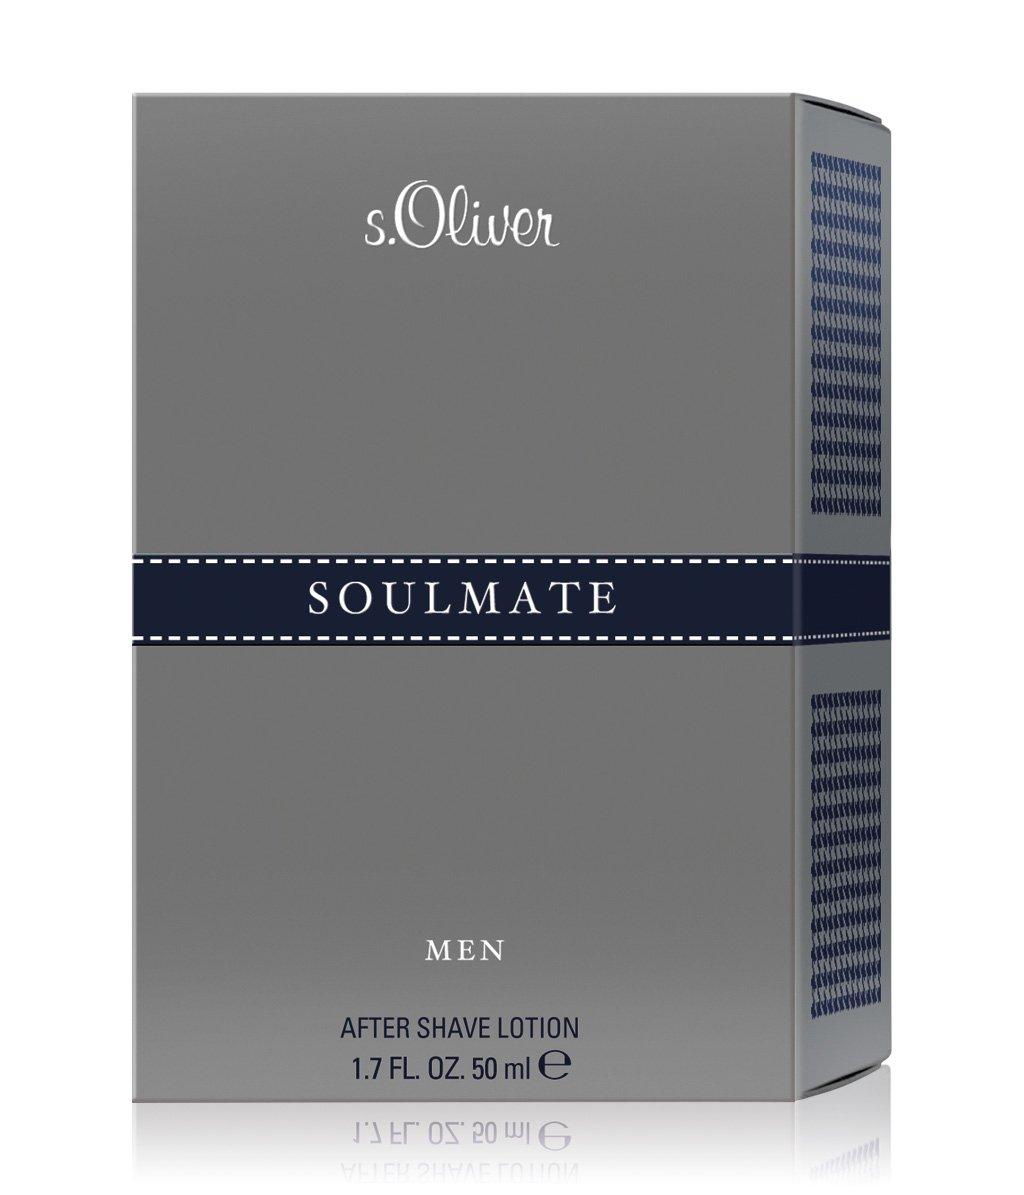 s oliver soulmate men after shave lotion online bestellen. Black Bedroom Furniture Sets. Home Design Ideas